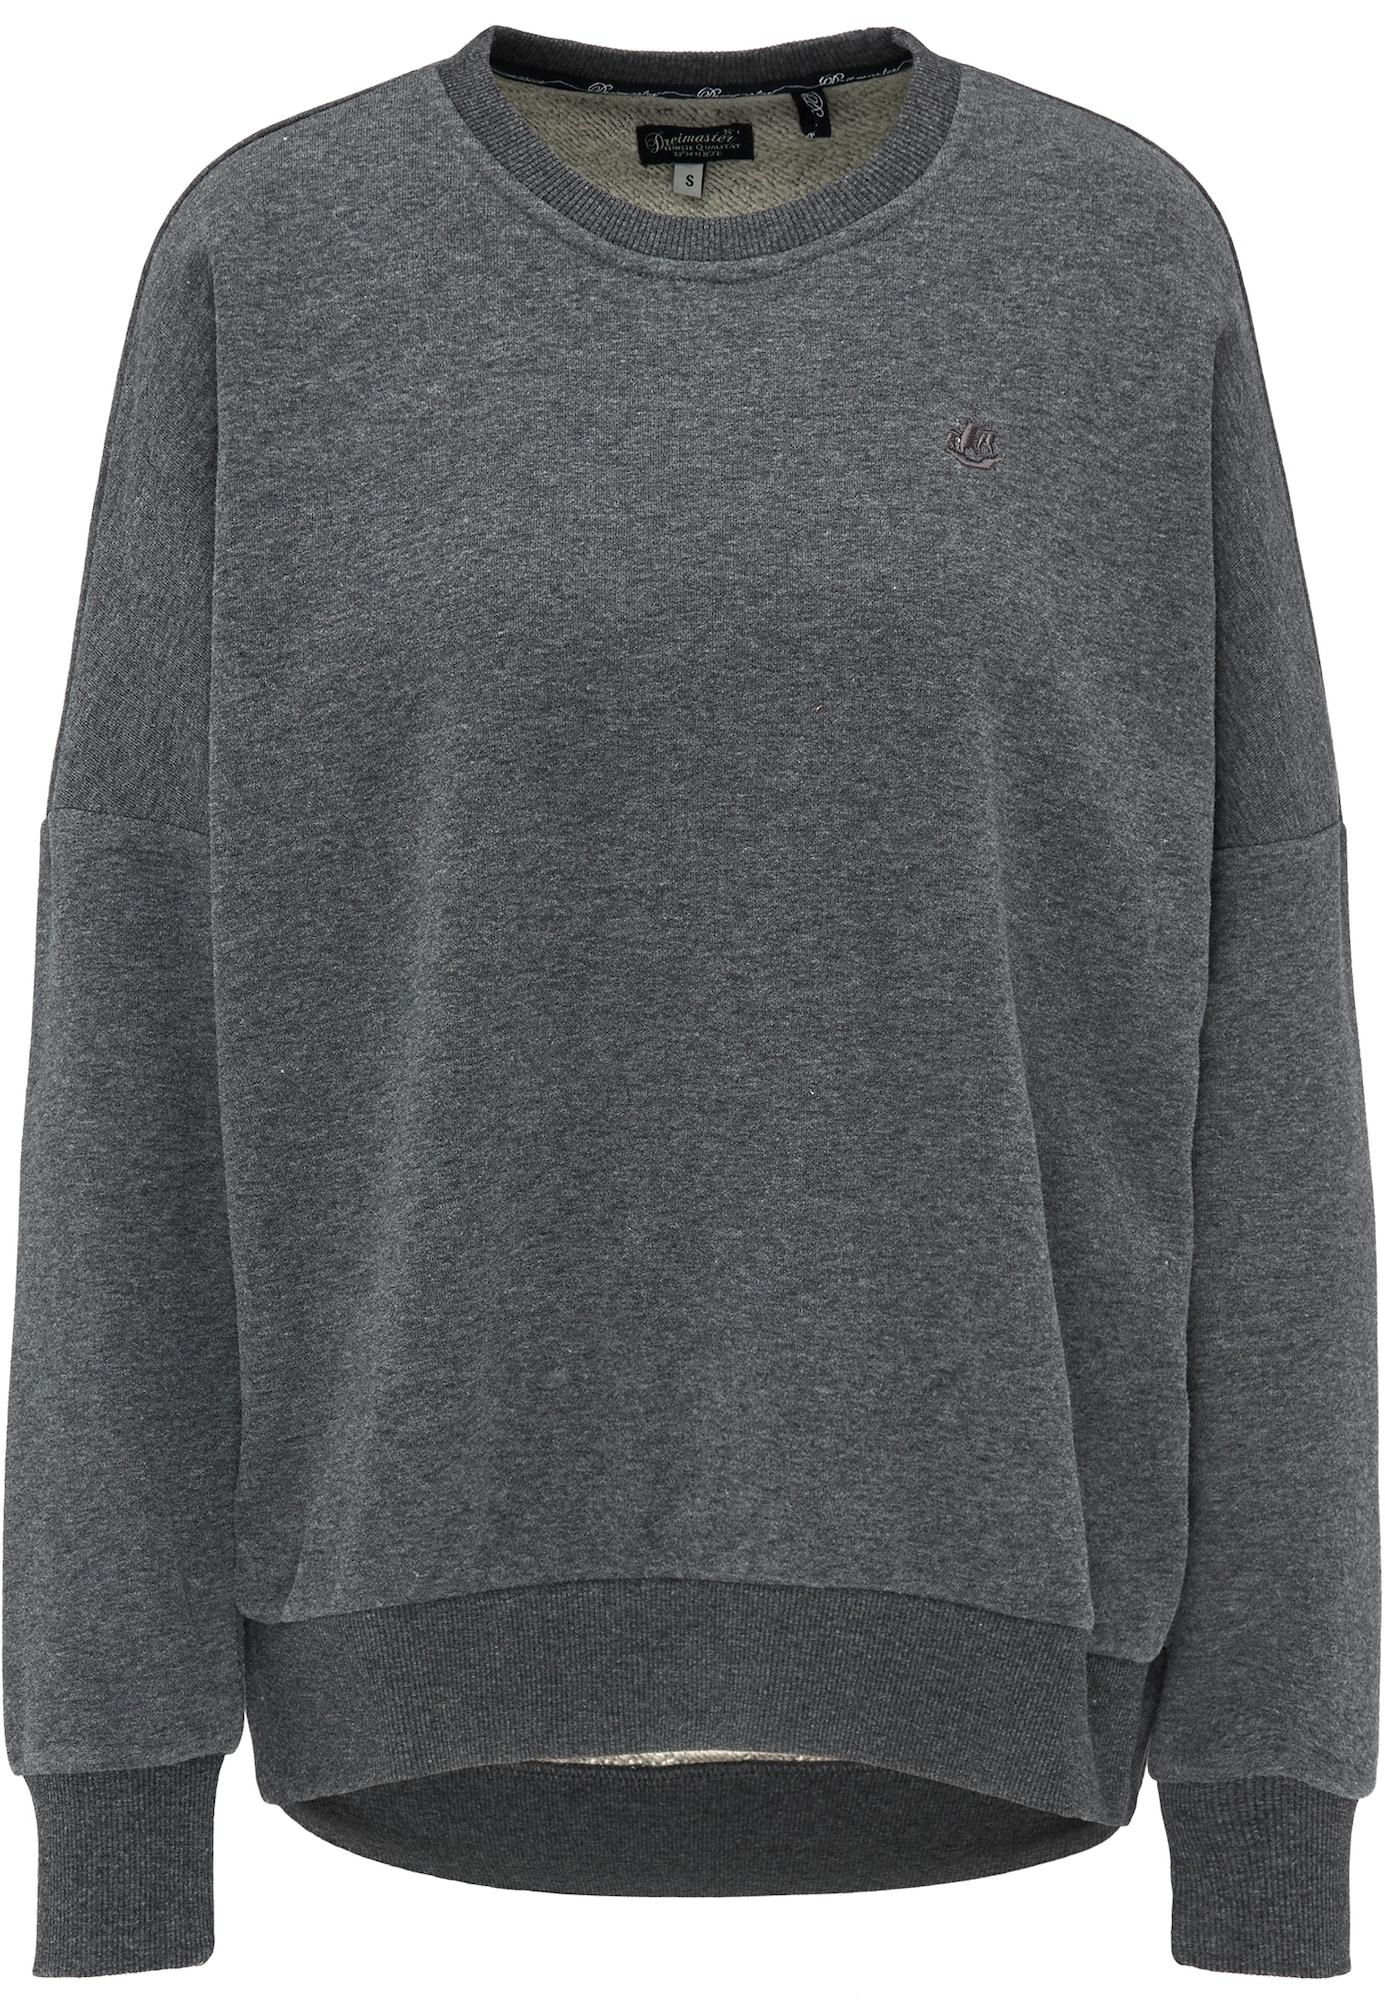 Sweatshirt   Bekleidung > Sweatshirts & -jacken   dreimaster